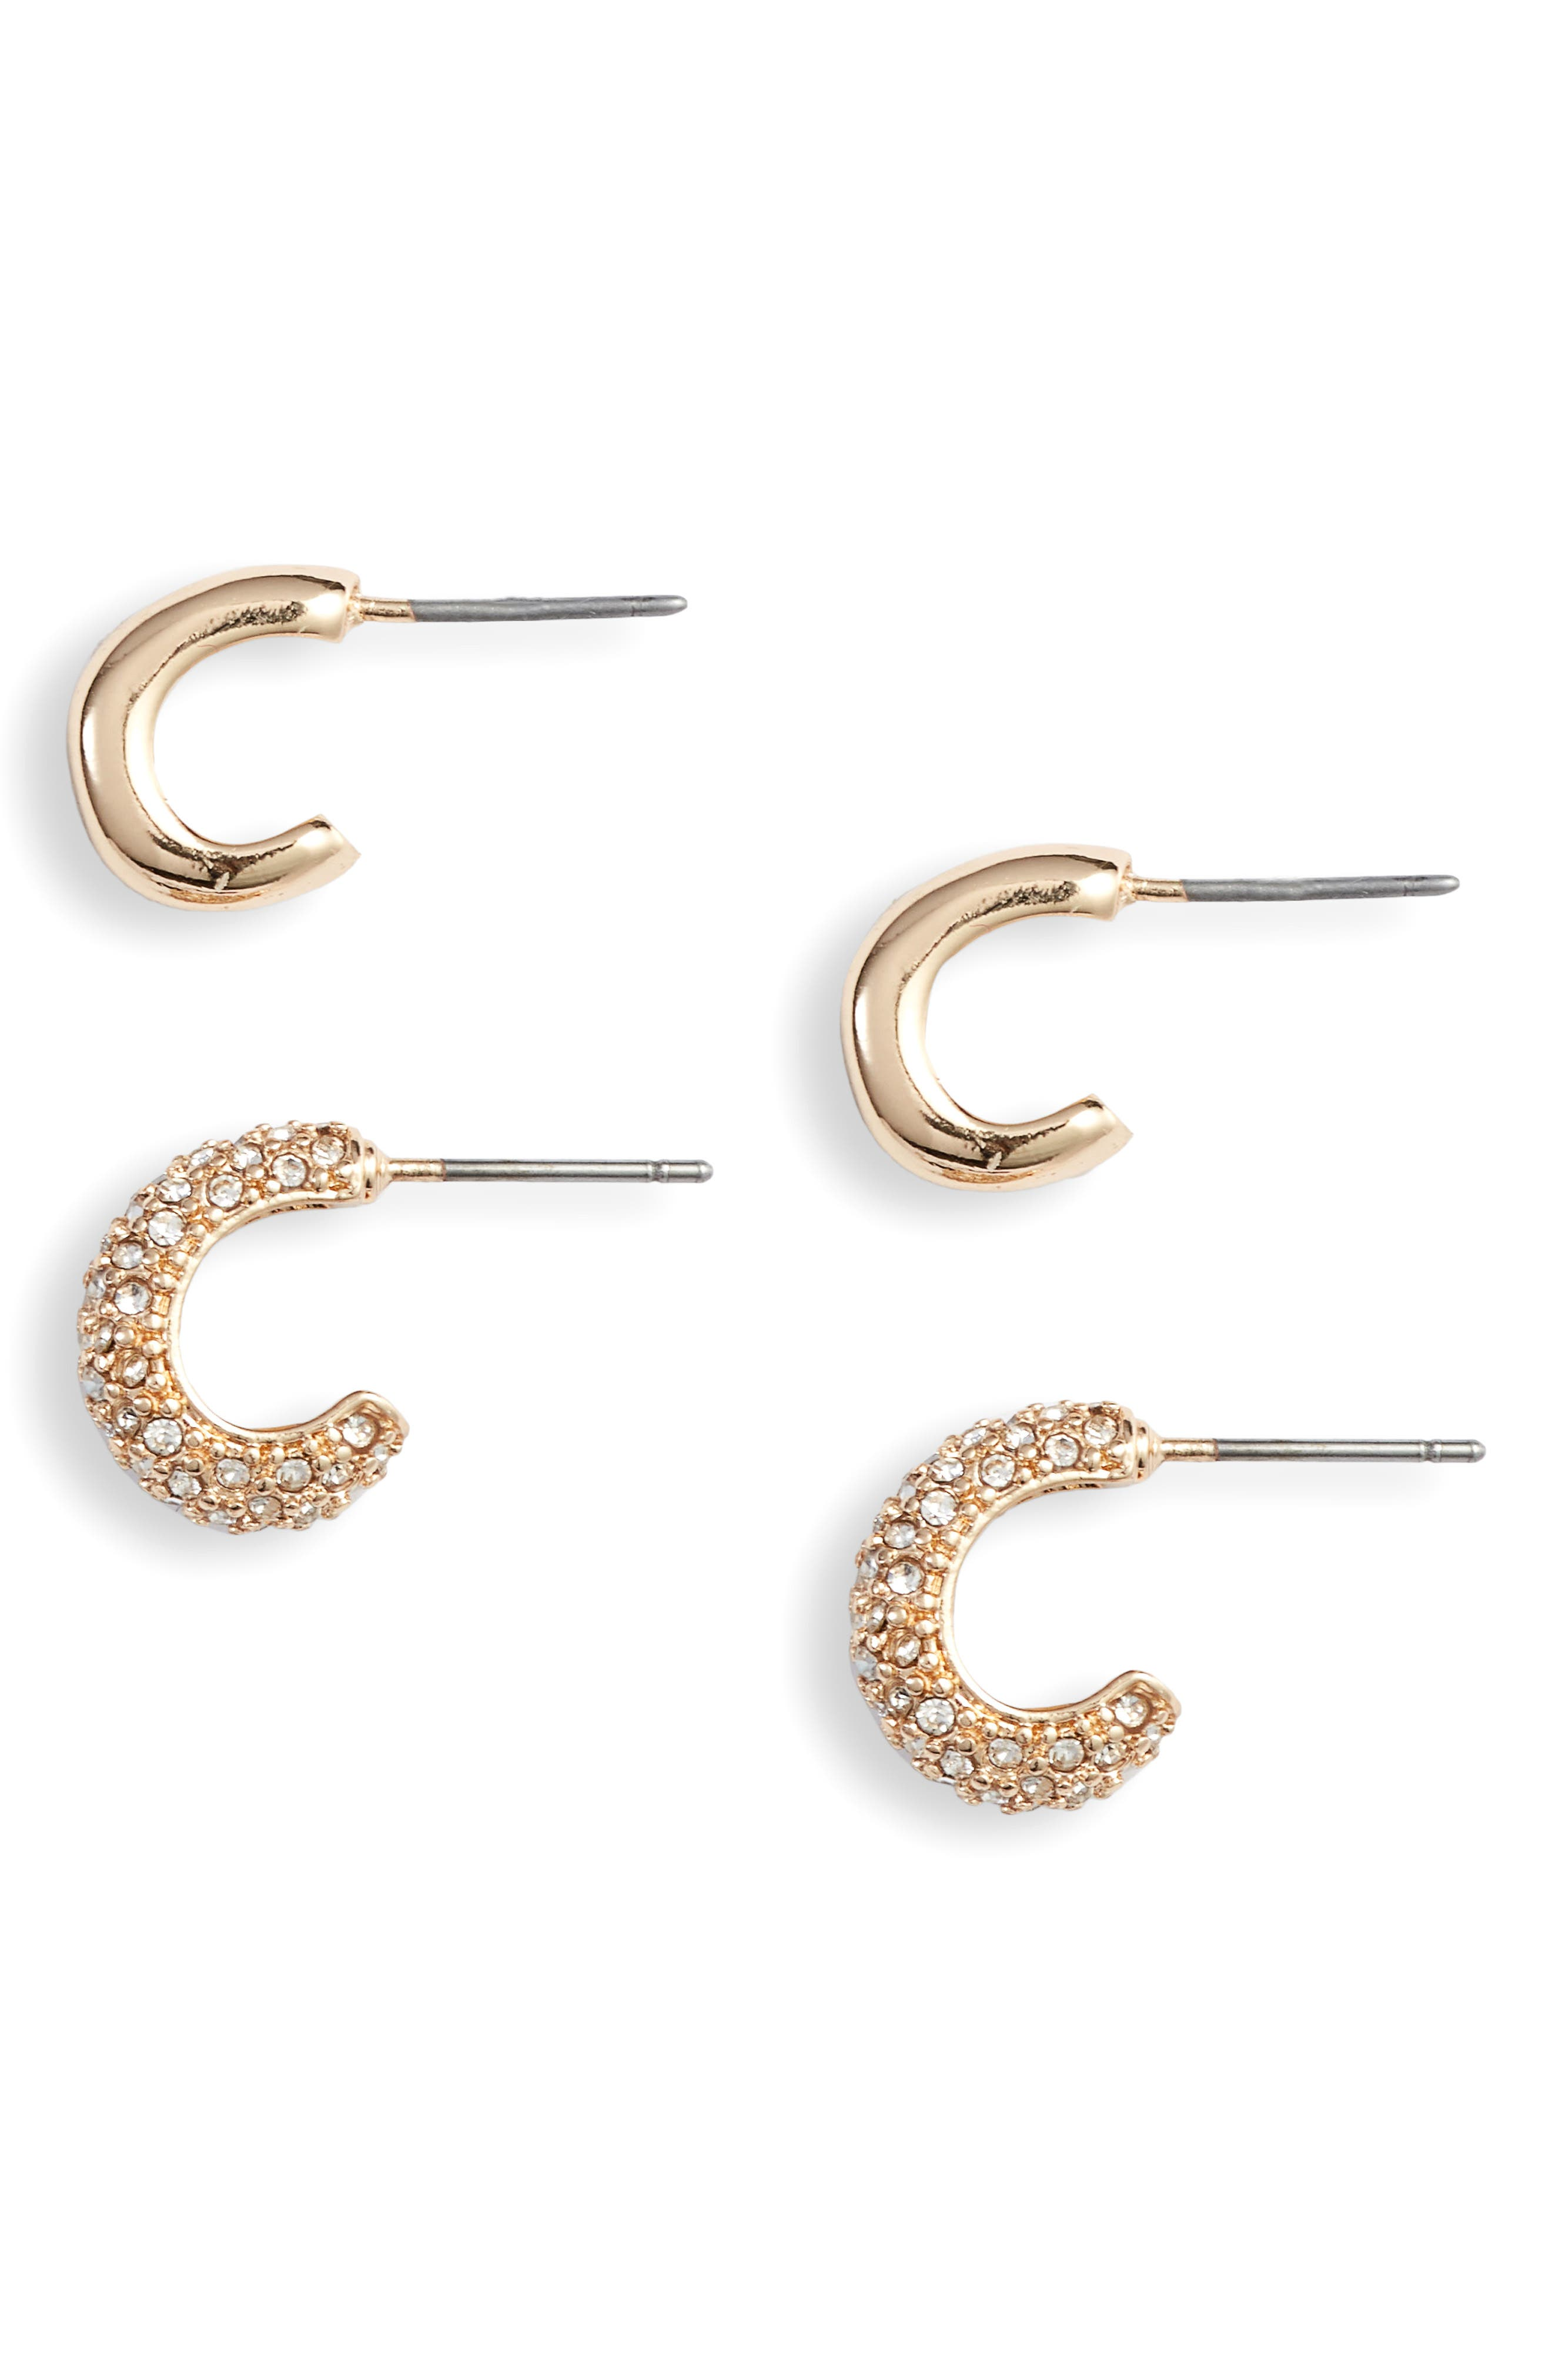 SOMETHING NAVY Set of 2 Huggie Hoop Earrings, Main, color, 710